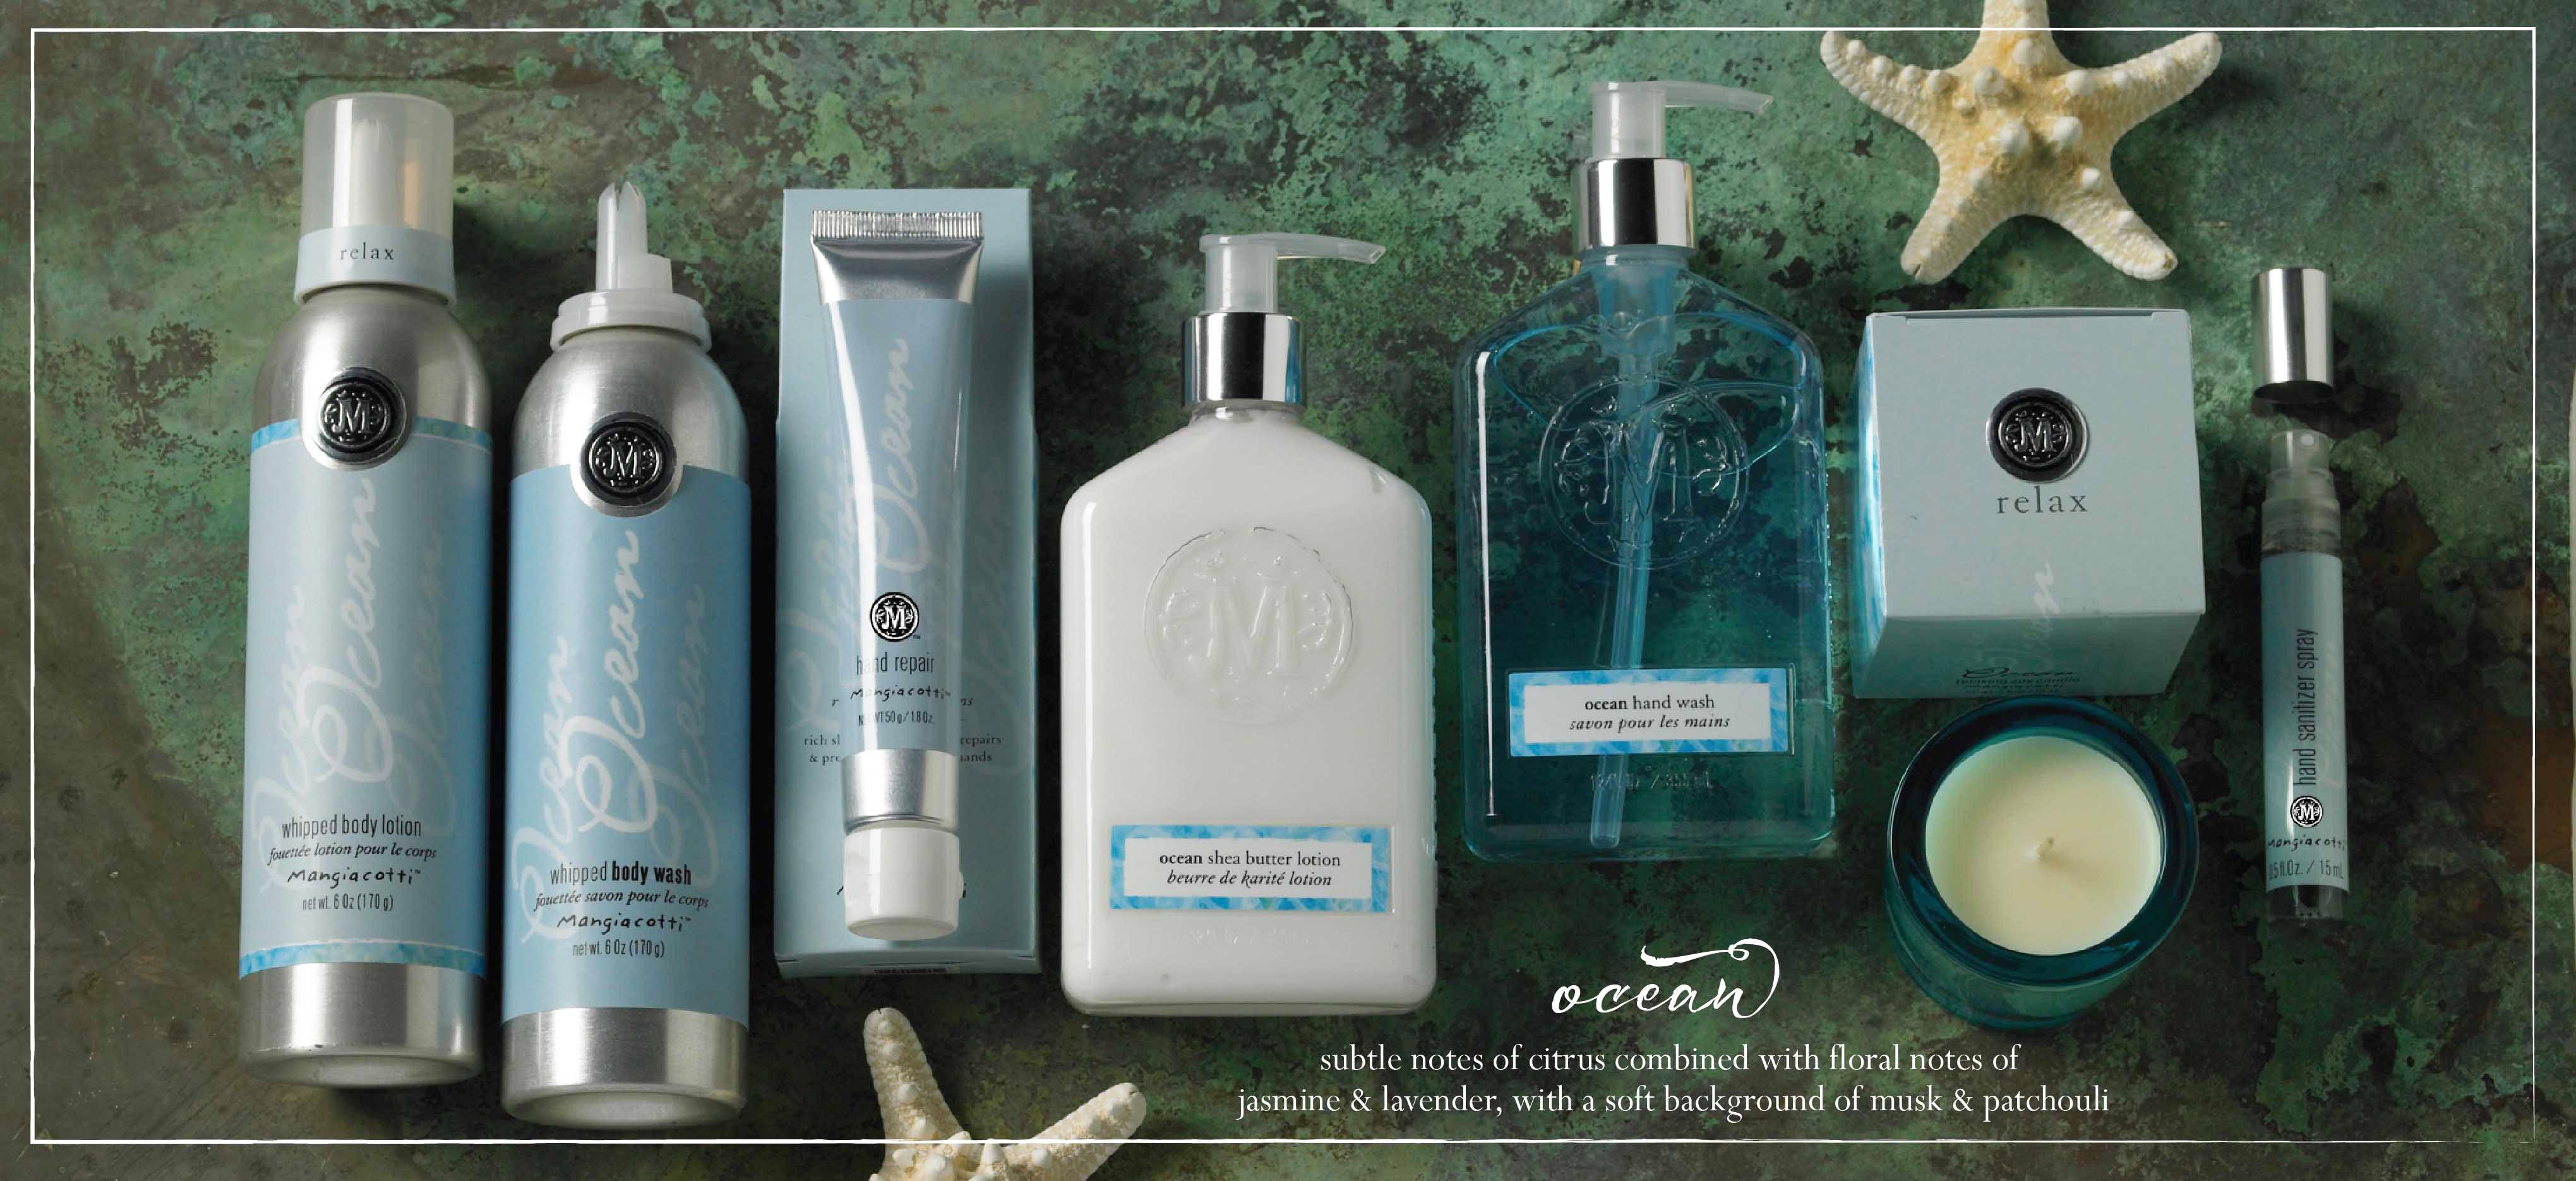 ocean-web-banner-fragrance-lt.jpg